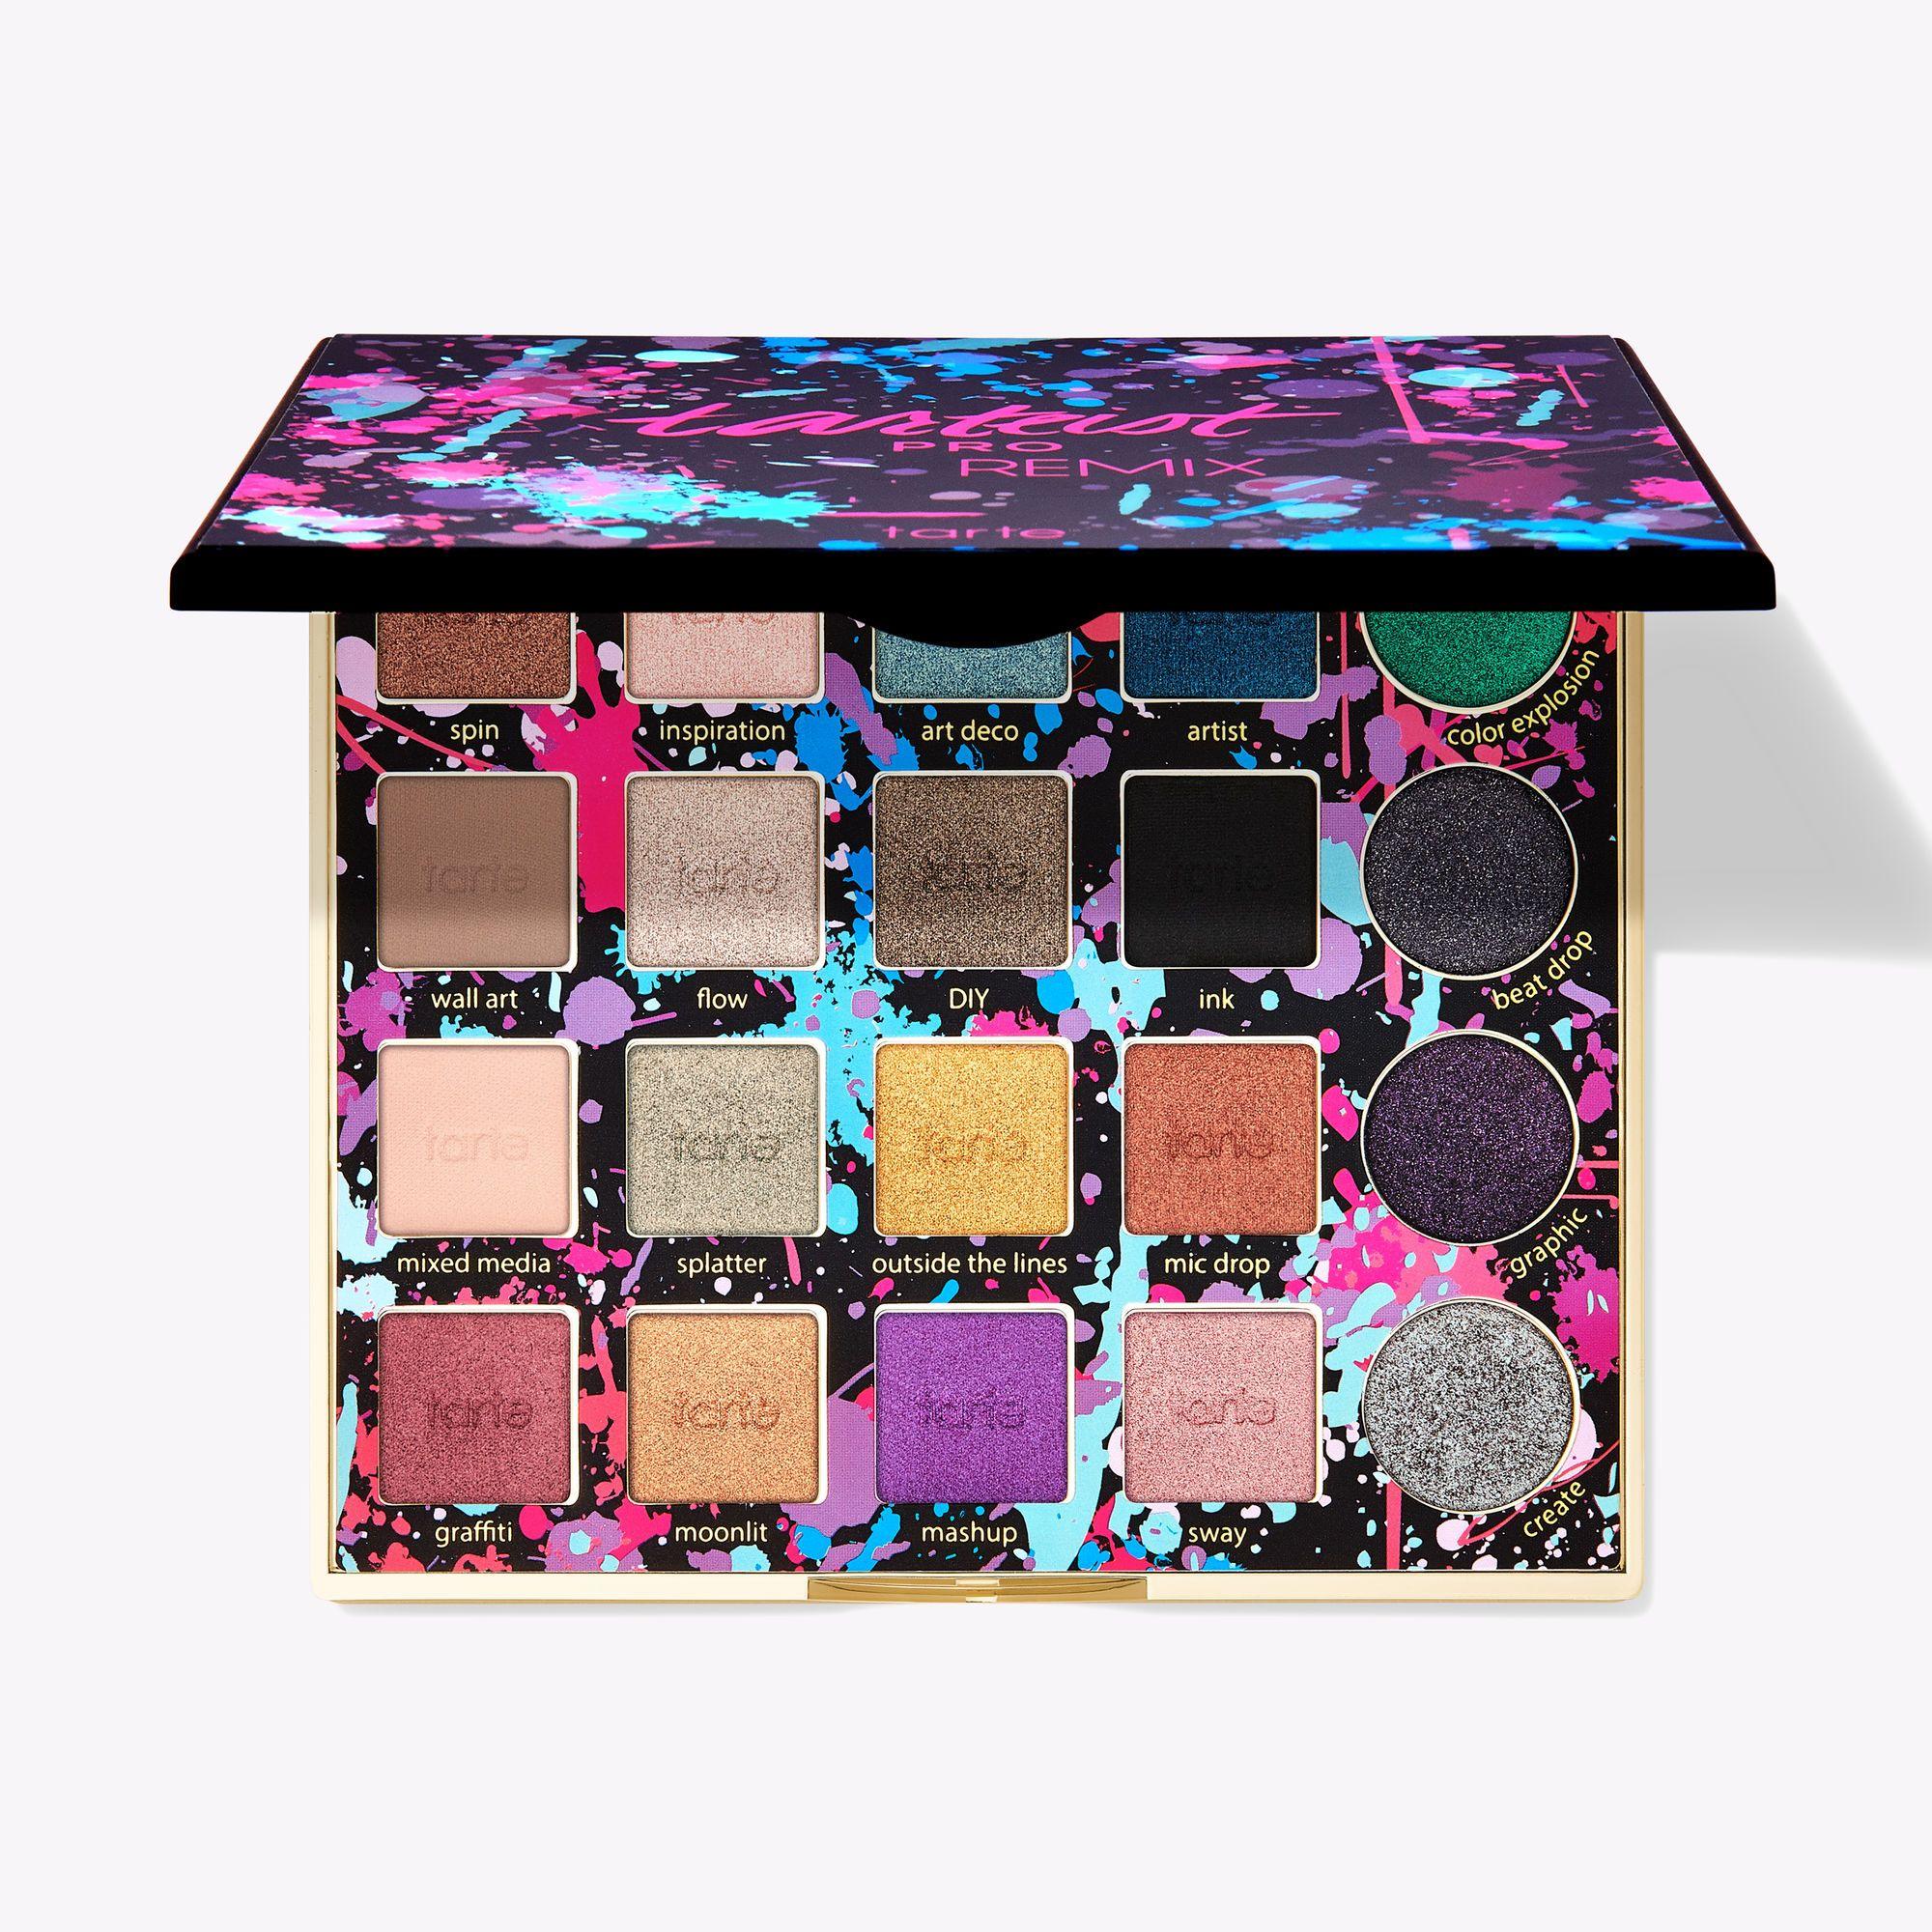 makeup pallets, PRO REMIX Amazonian clay palette, makeup